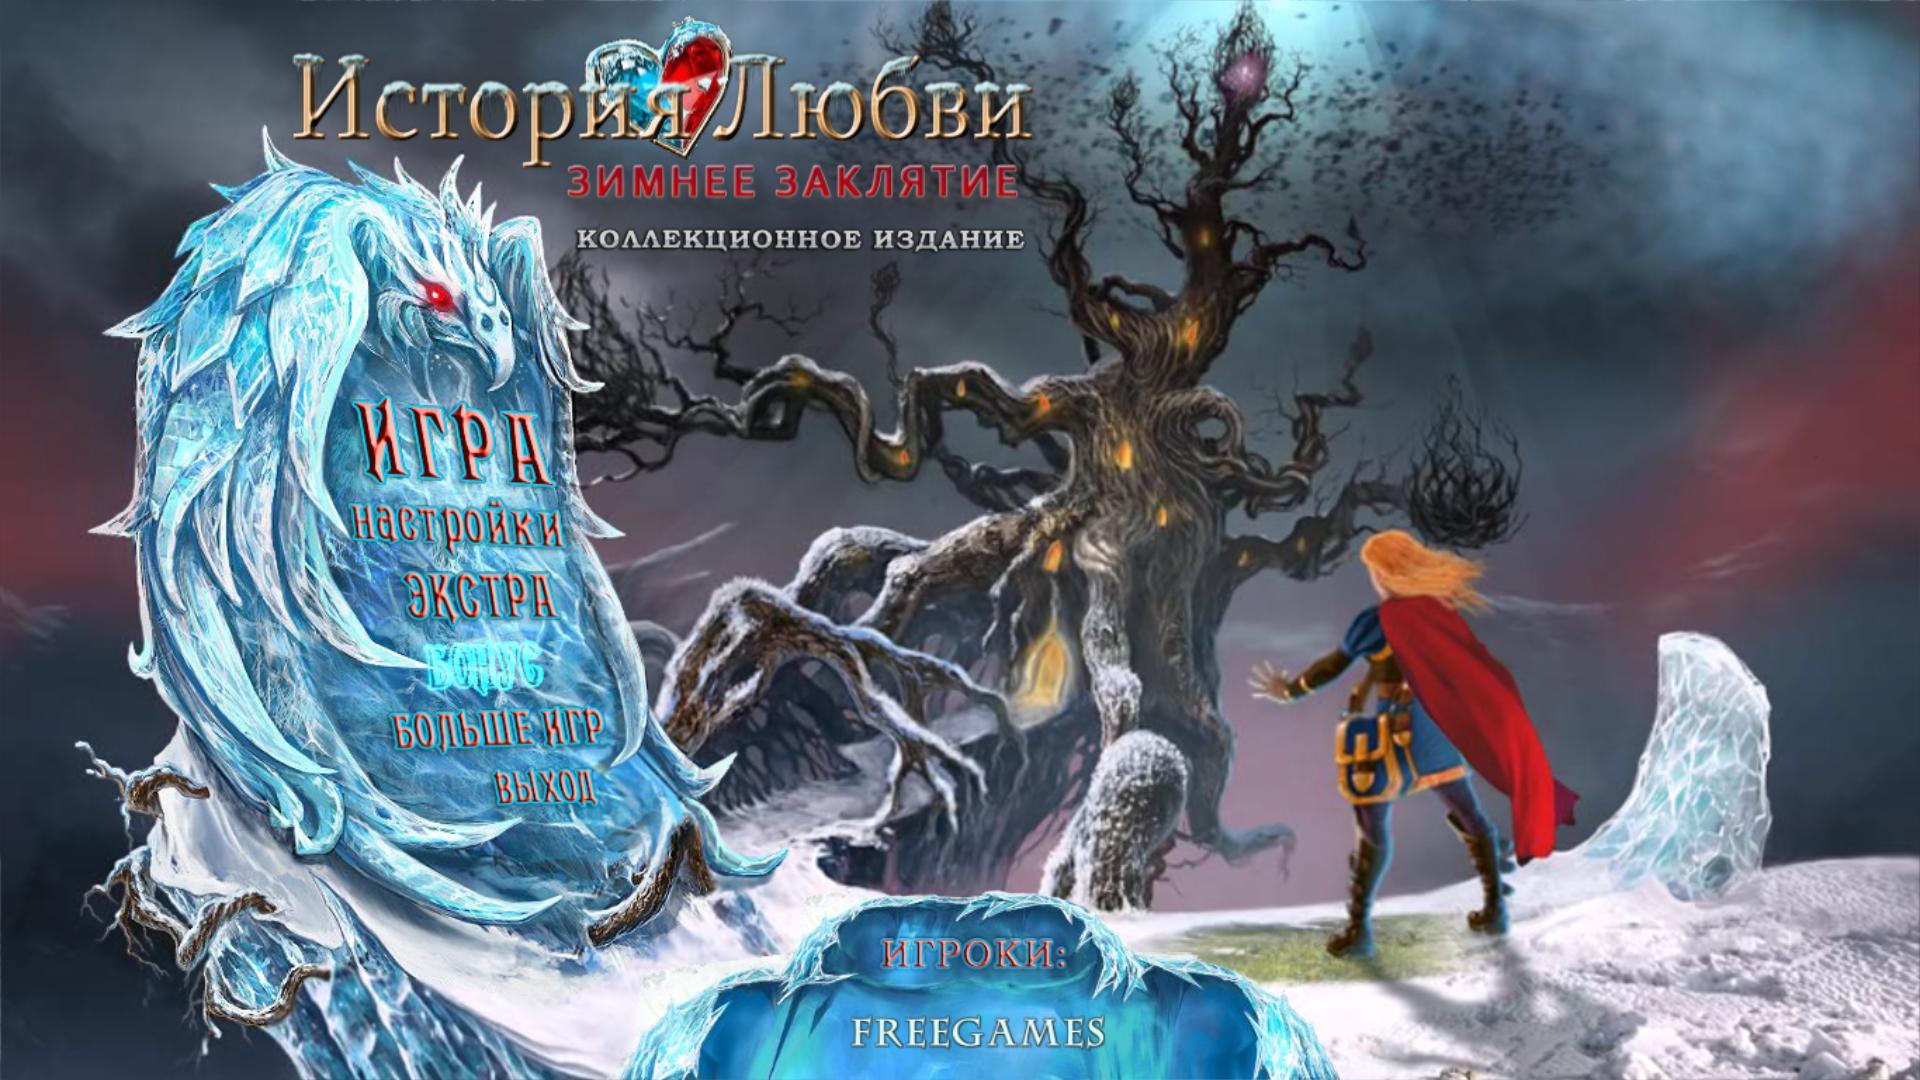 История Любви 4. Зимнее заклятие. Коллекционное издание | Love Chronicles 4. A Winter's Spell CE (Rus)